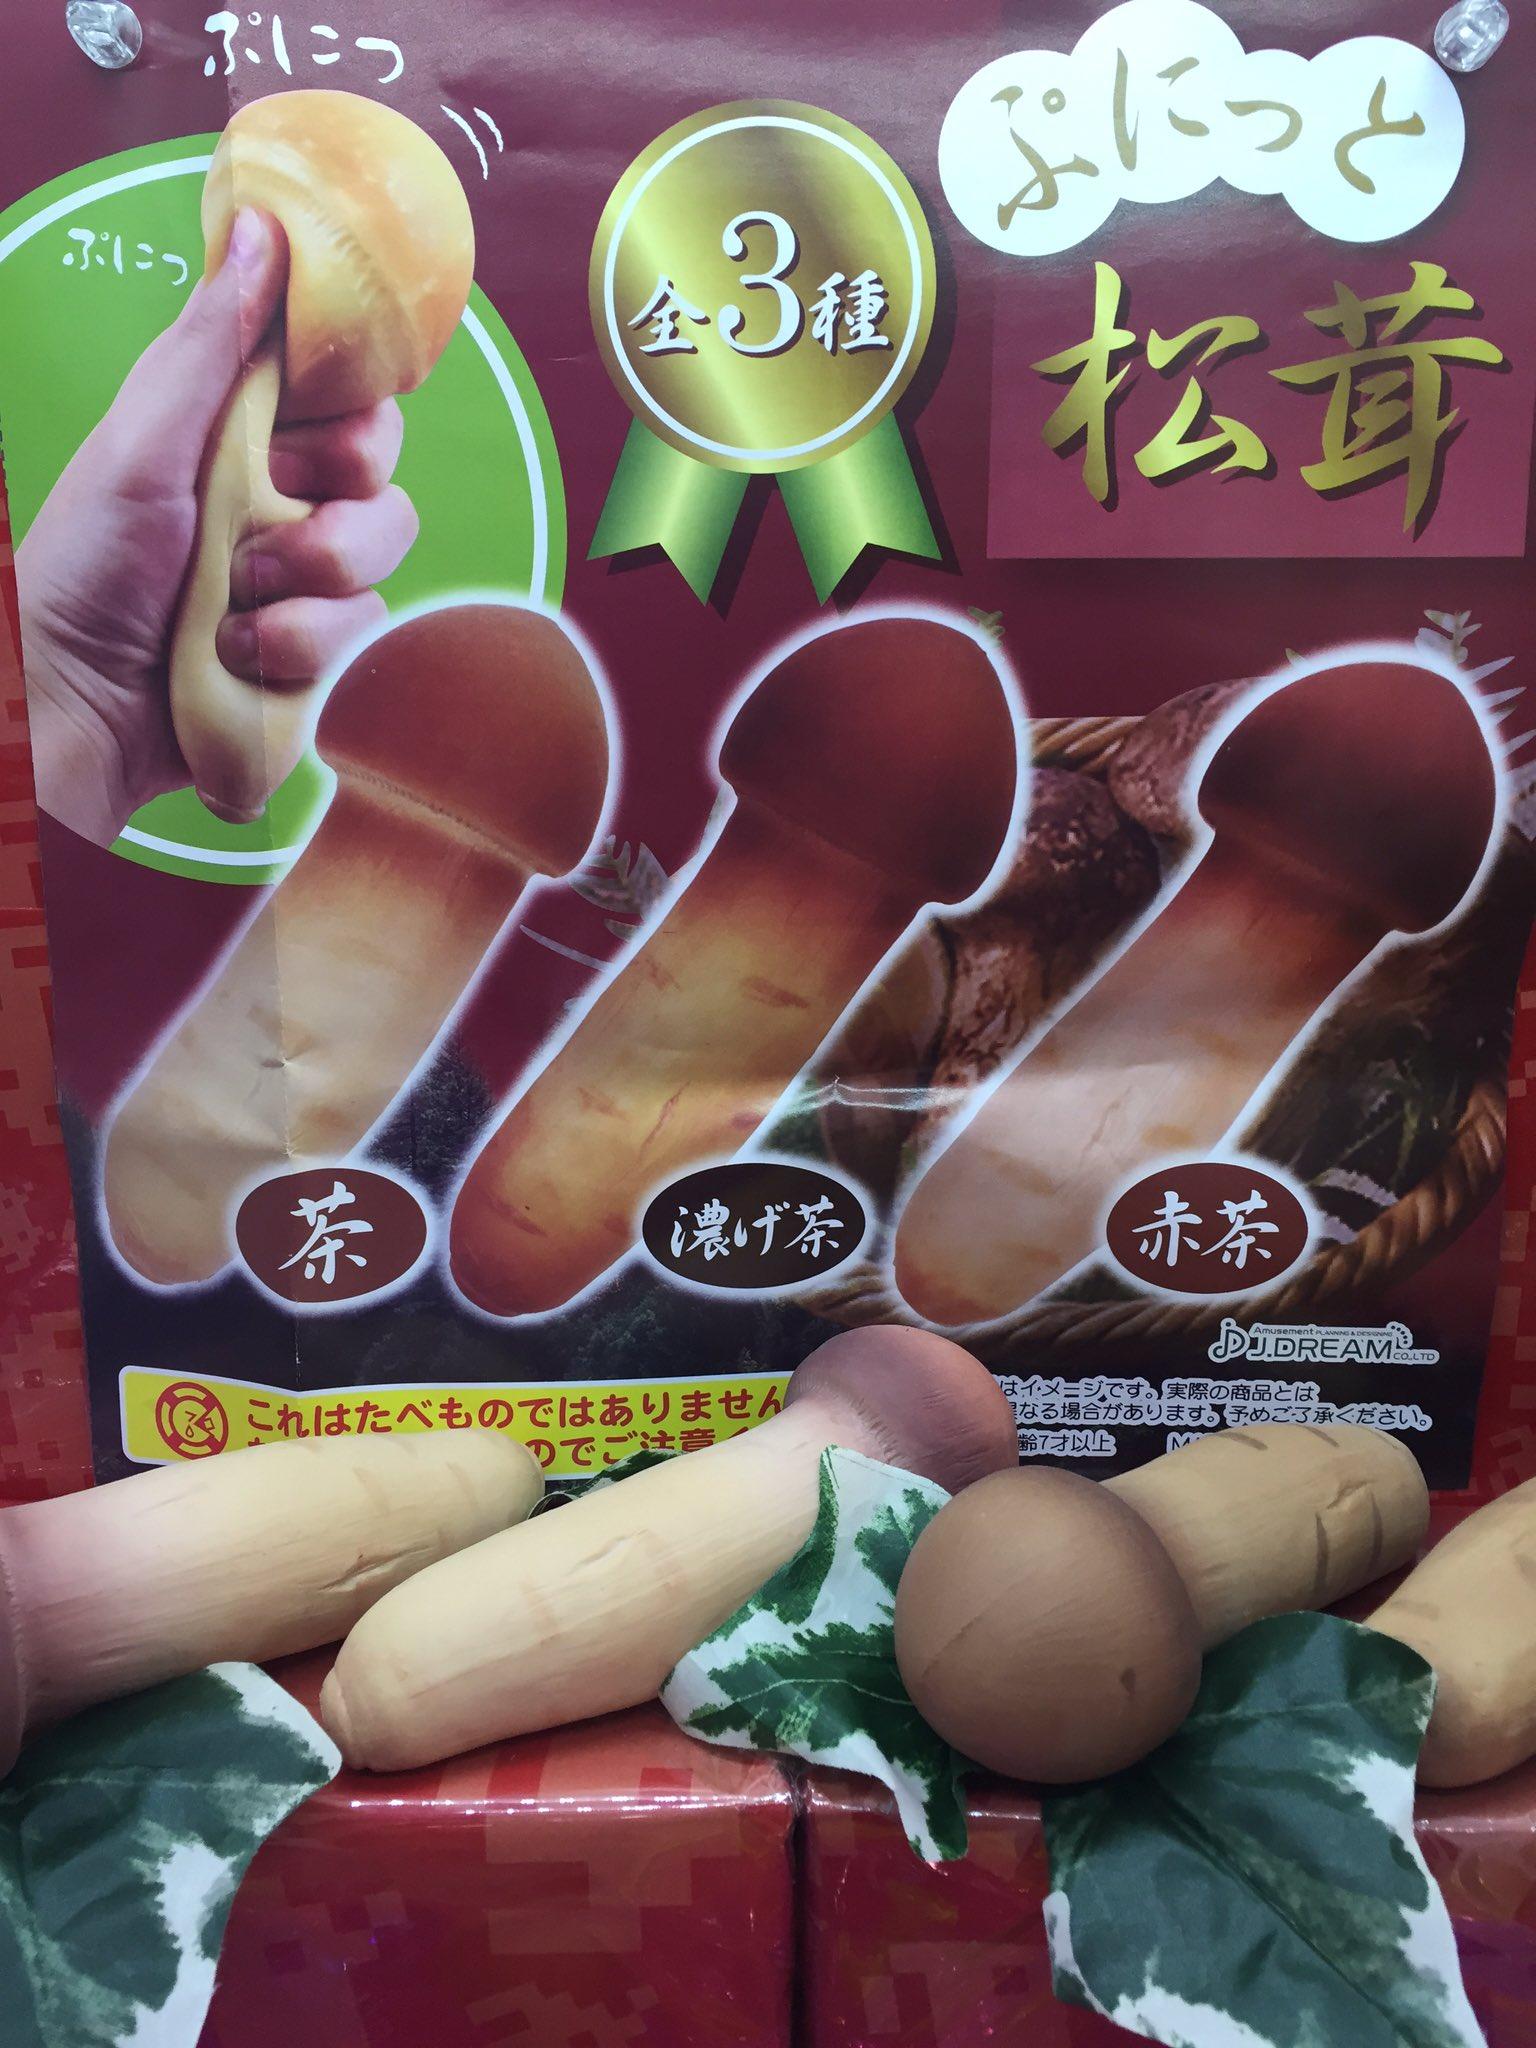 【プライズ】『ぷにっと松茸』にぎにぎぷにぷにするのにちょうど良いサイズです!松茸おいしそう… #松茸 #アメ横